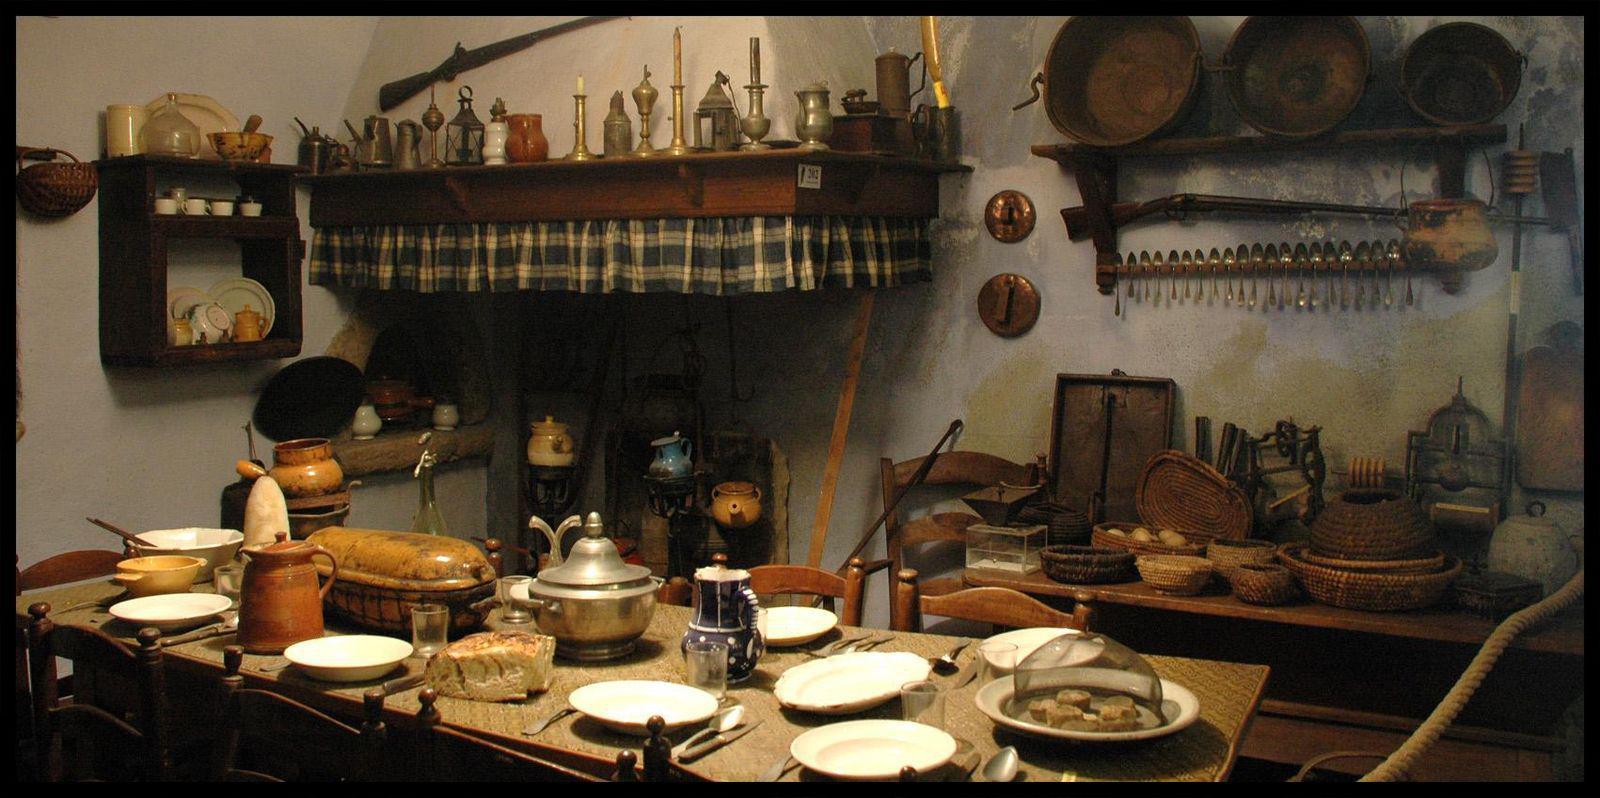 Image : Musée des vallées cévenoles